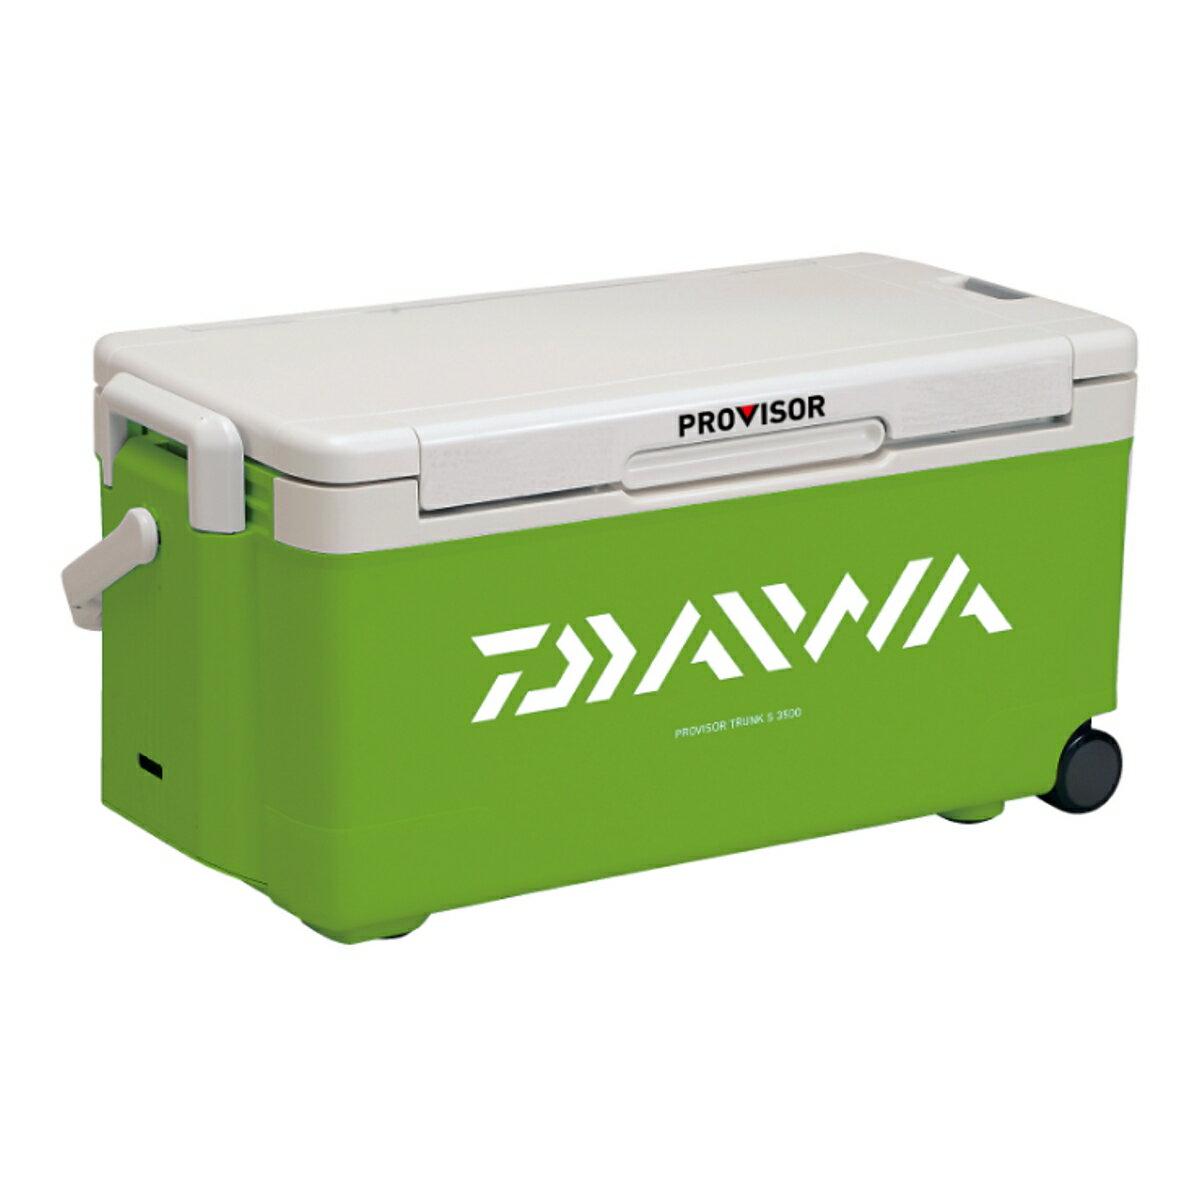 ダイワ プロバイザートランク S-3500 ライムグリーン クーラーボックス【6co01】